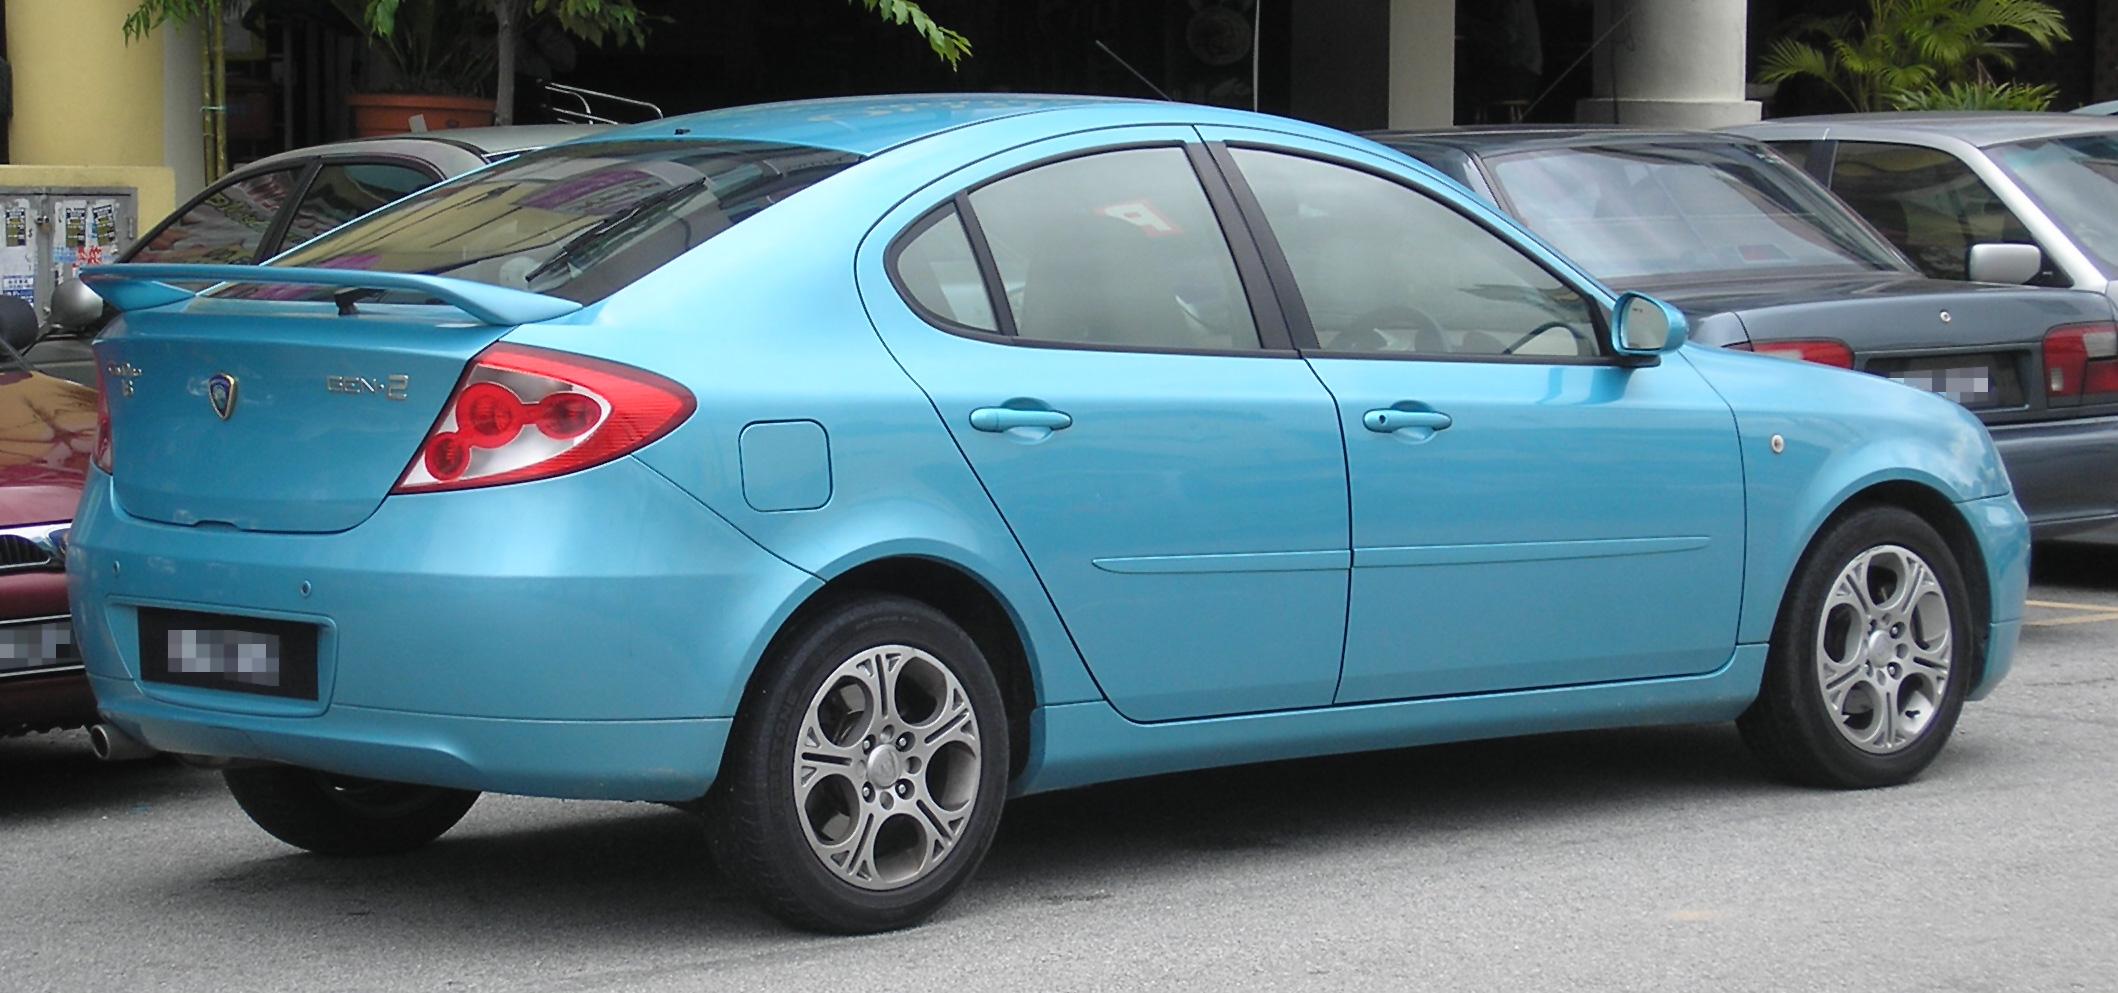 2008 Proton Gen-2